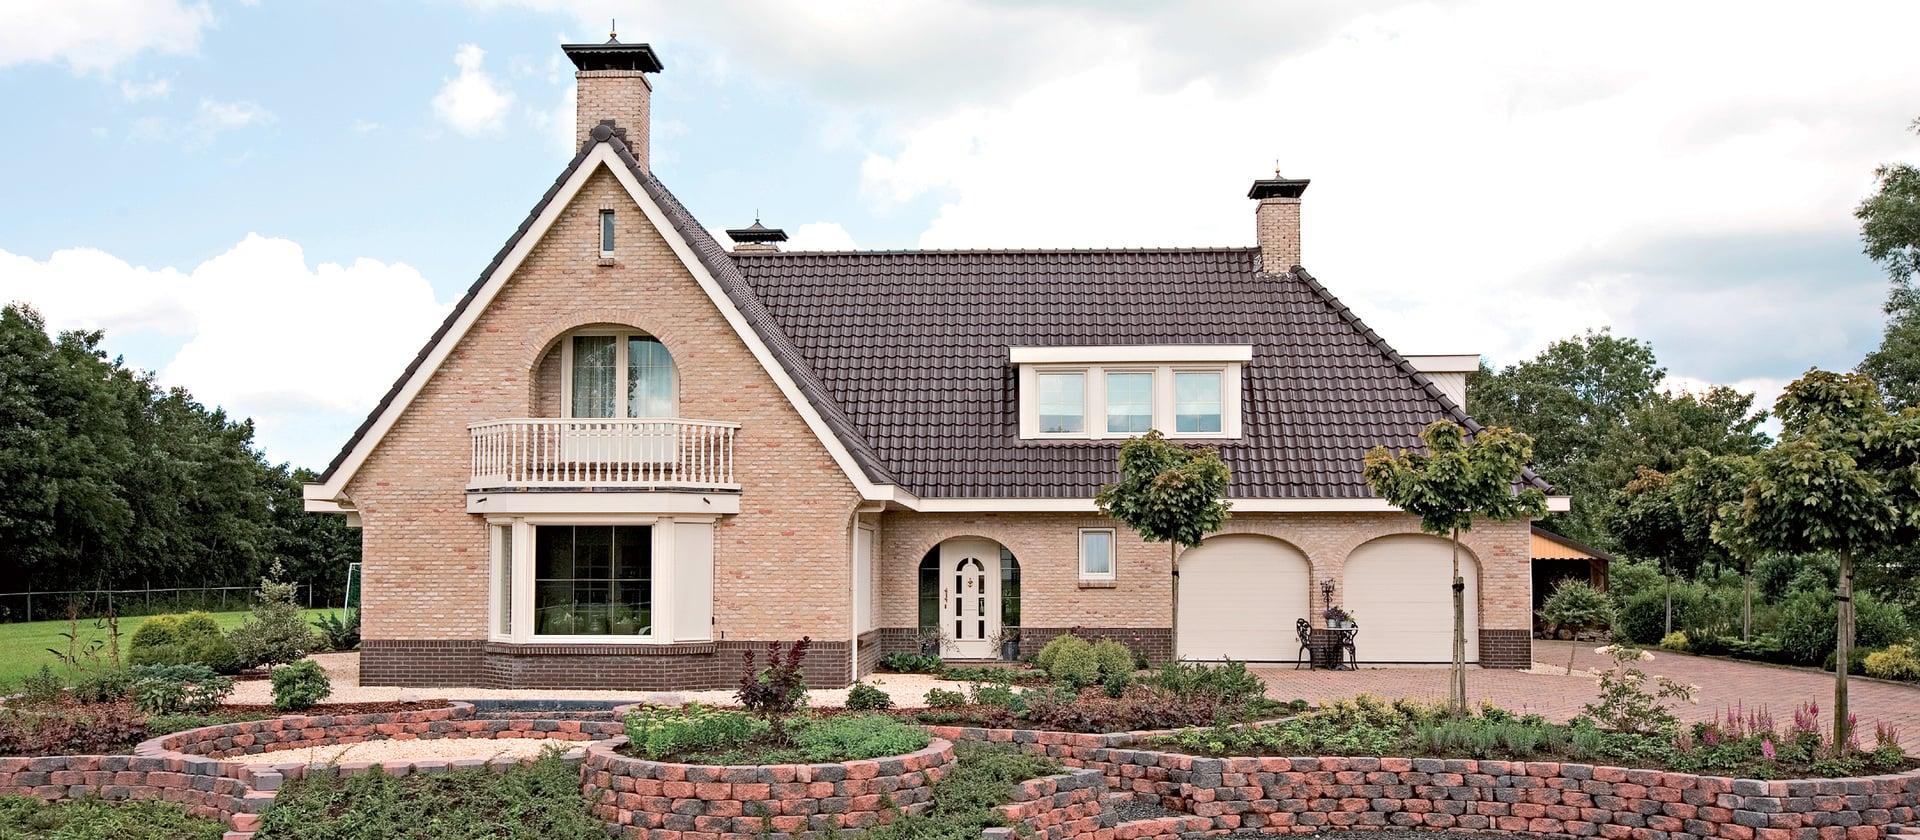 Huis in Friesland